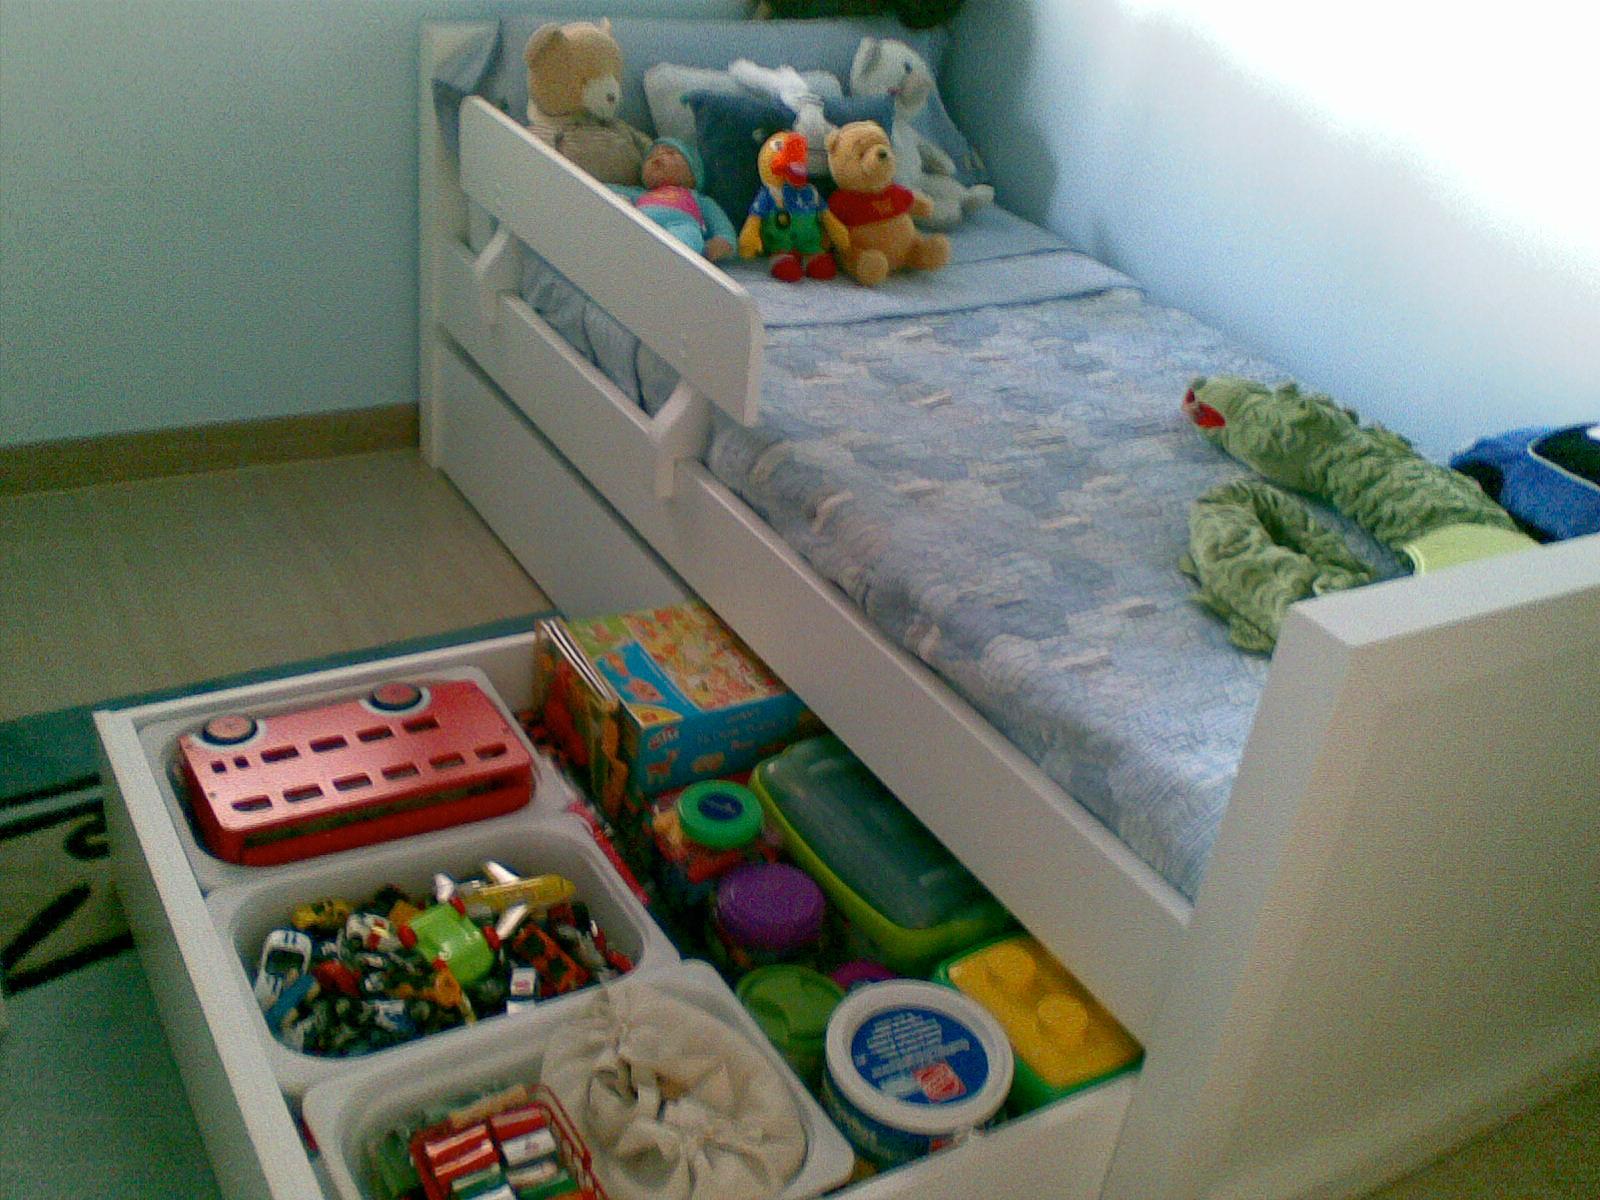 juguetes 4.jpg